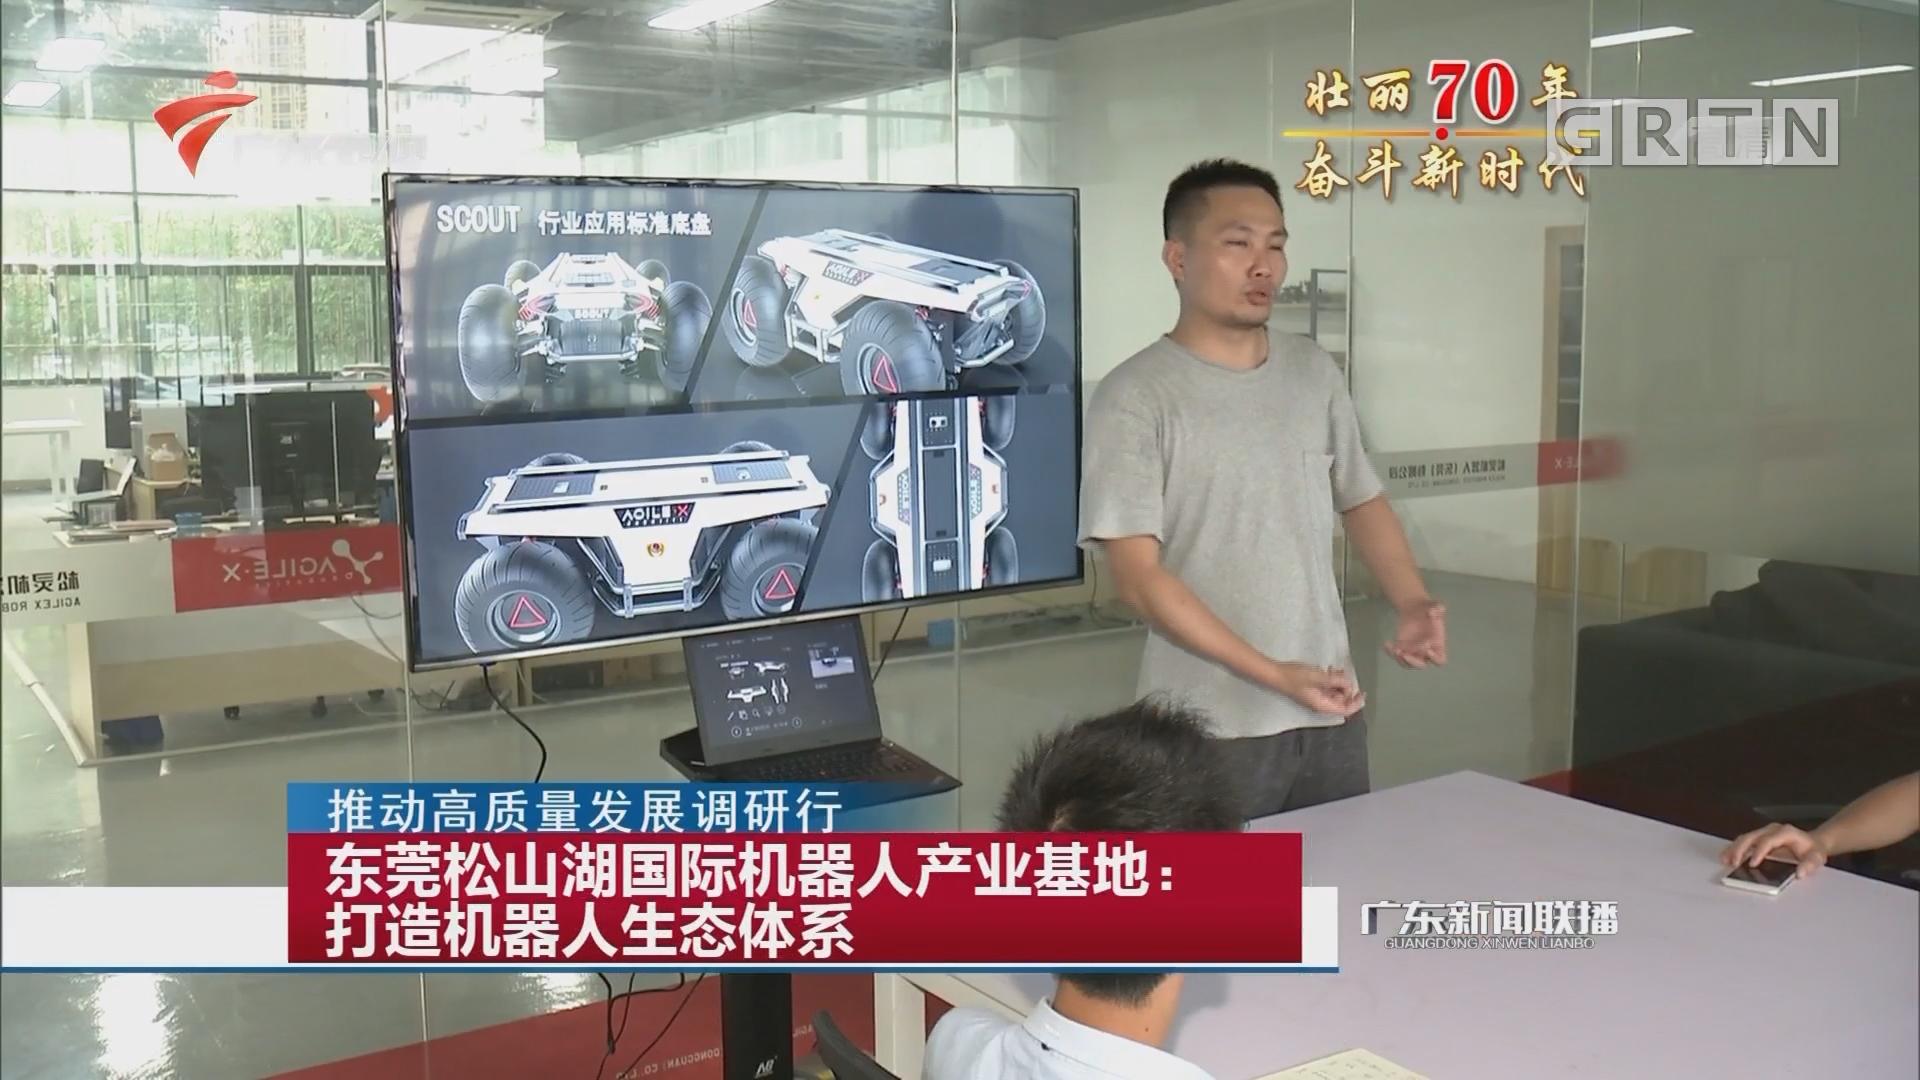 东莞松山湖国际机器人产业基地:打造机器人生态体系